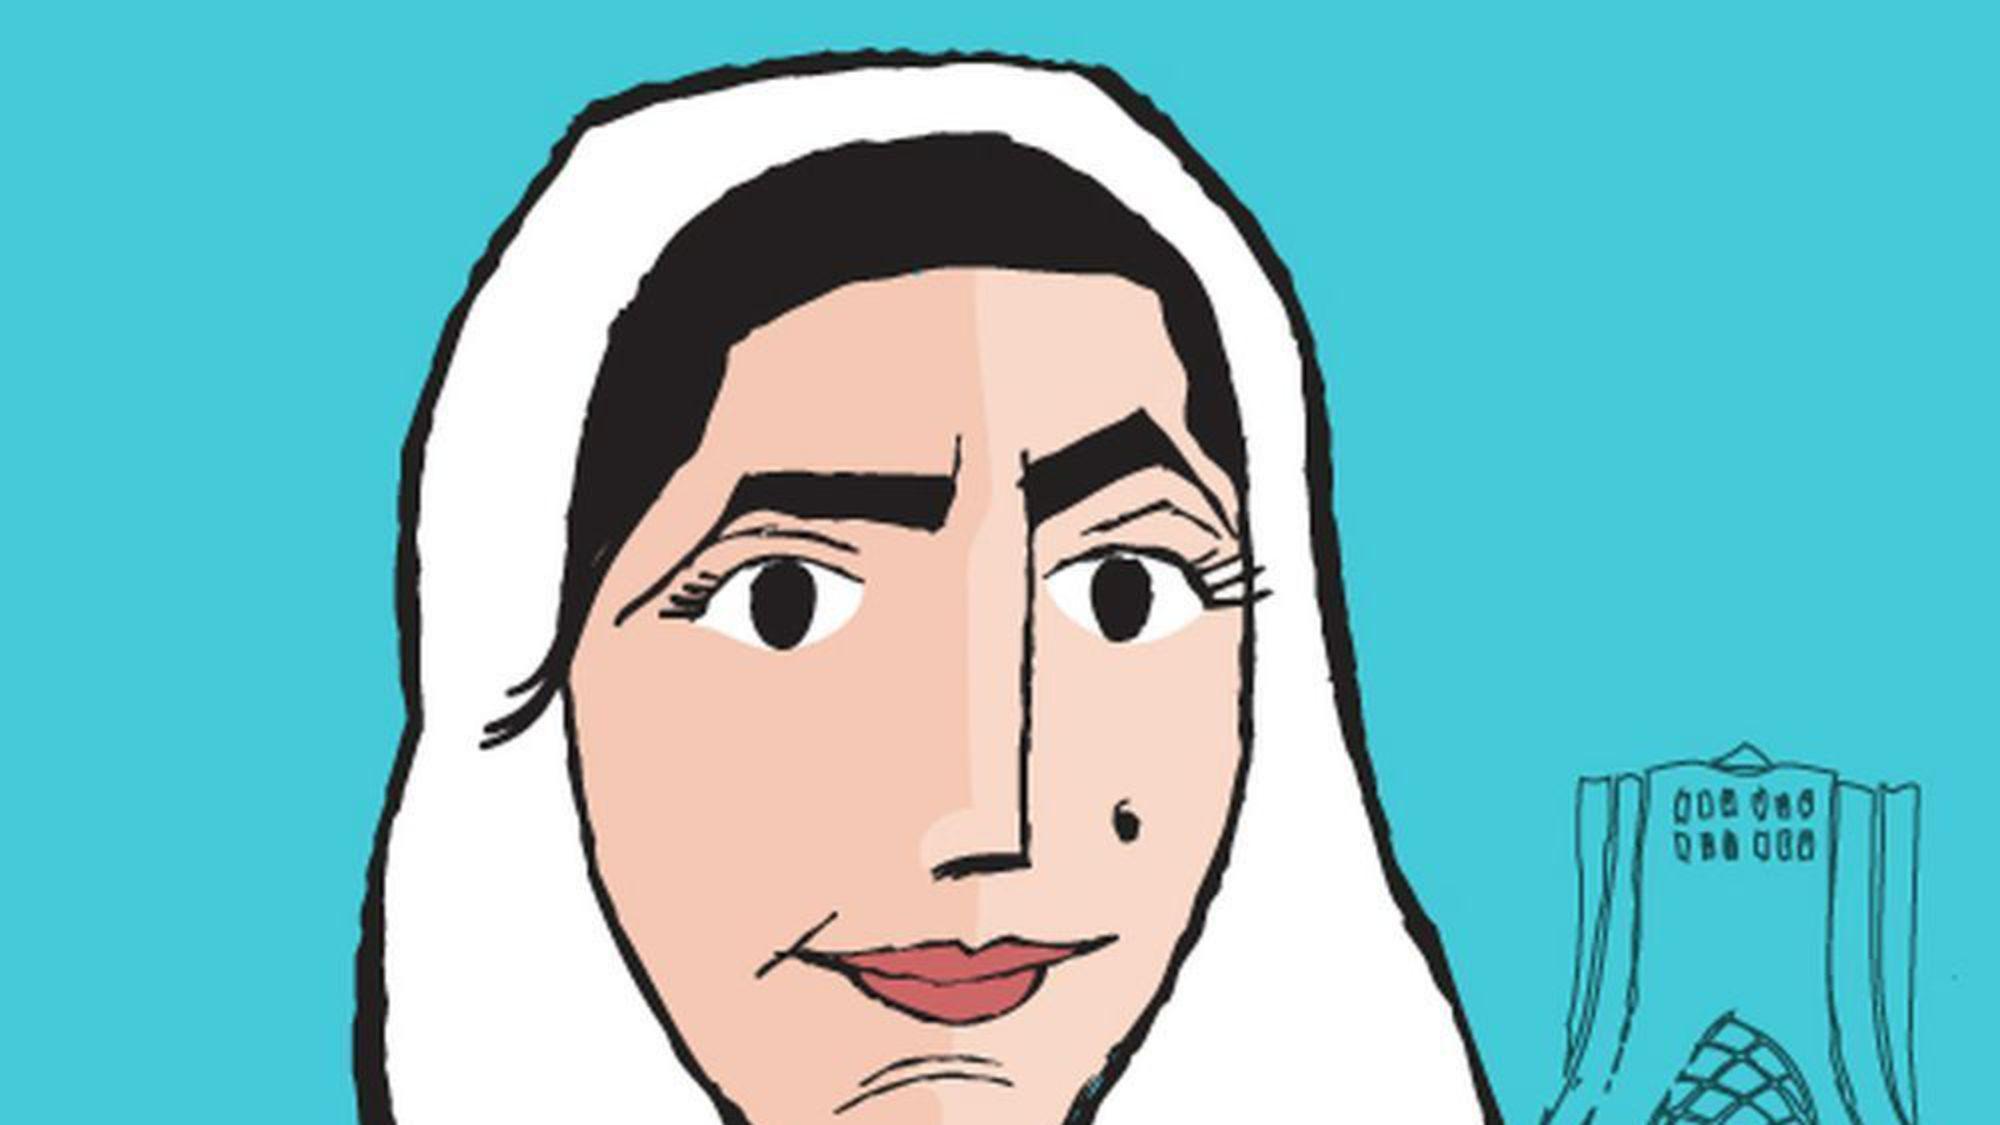 Zahra, l'héroïne de bande-dessinée créée par Amir Soltani était candidate à l'élection présidentielle iranienne en 2013